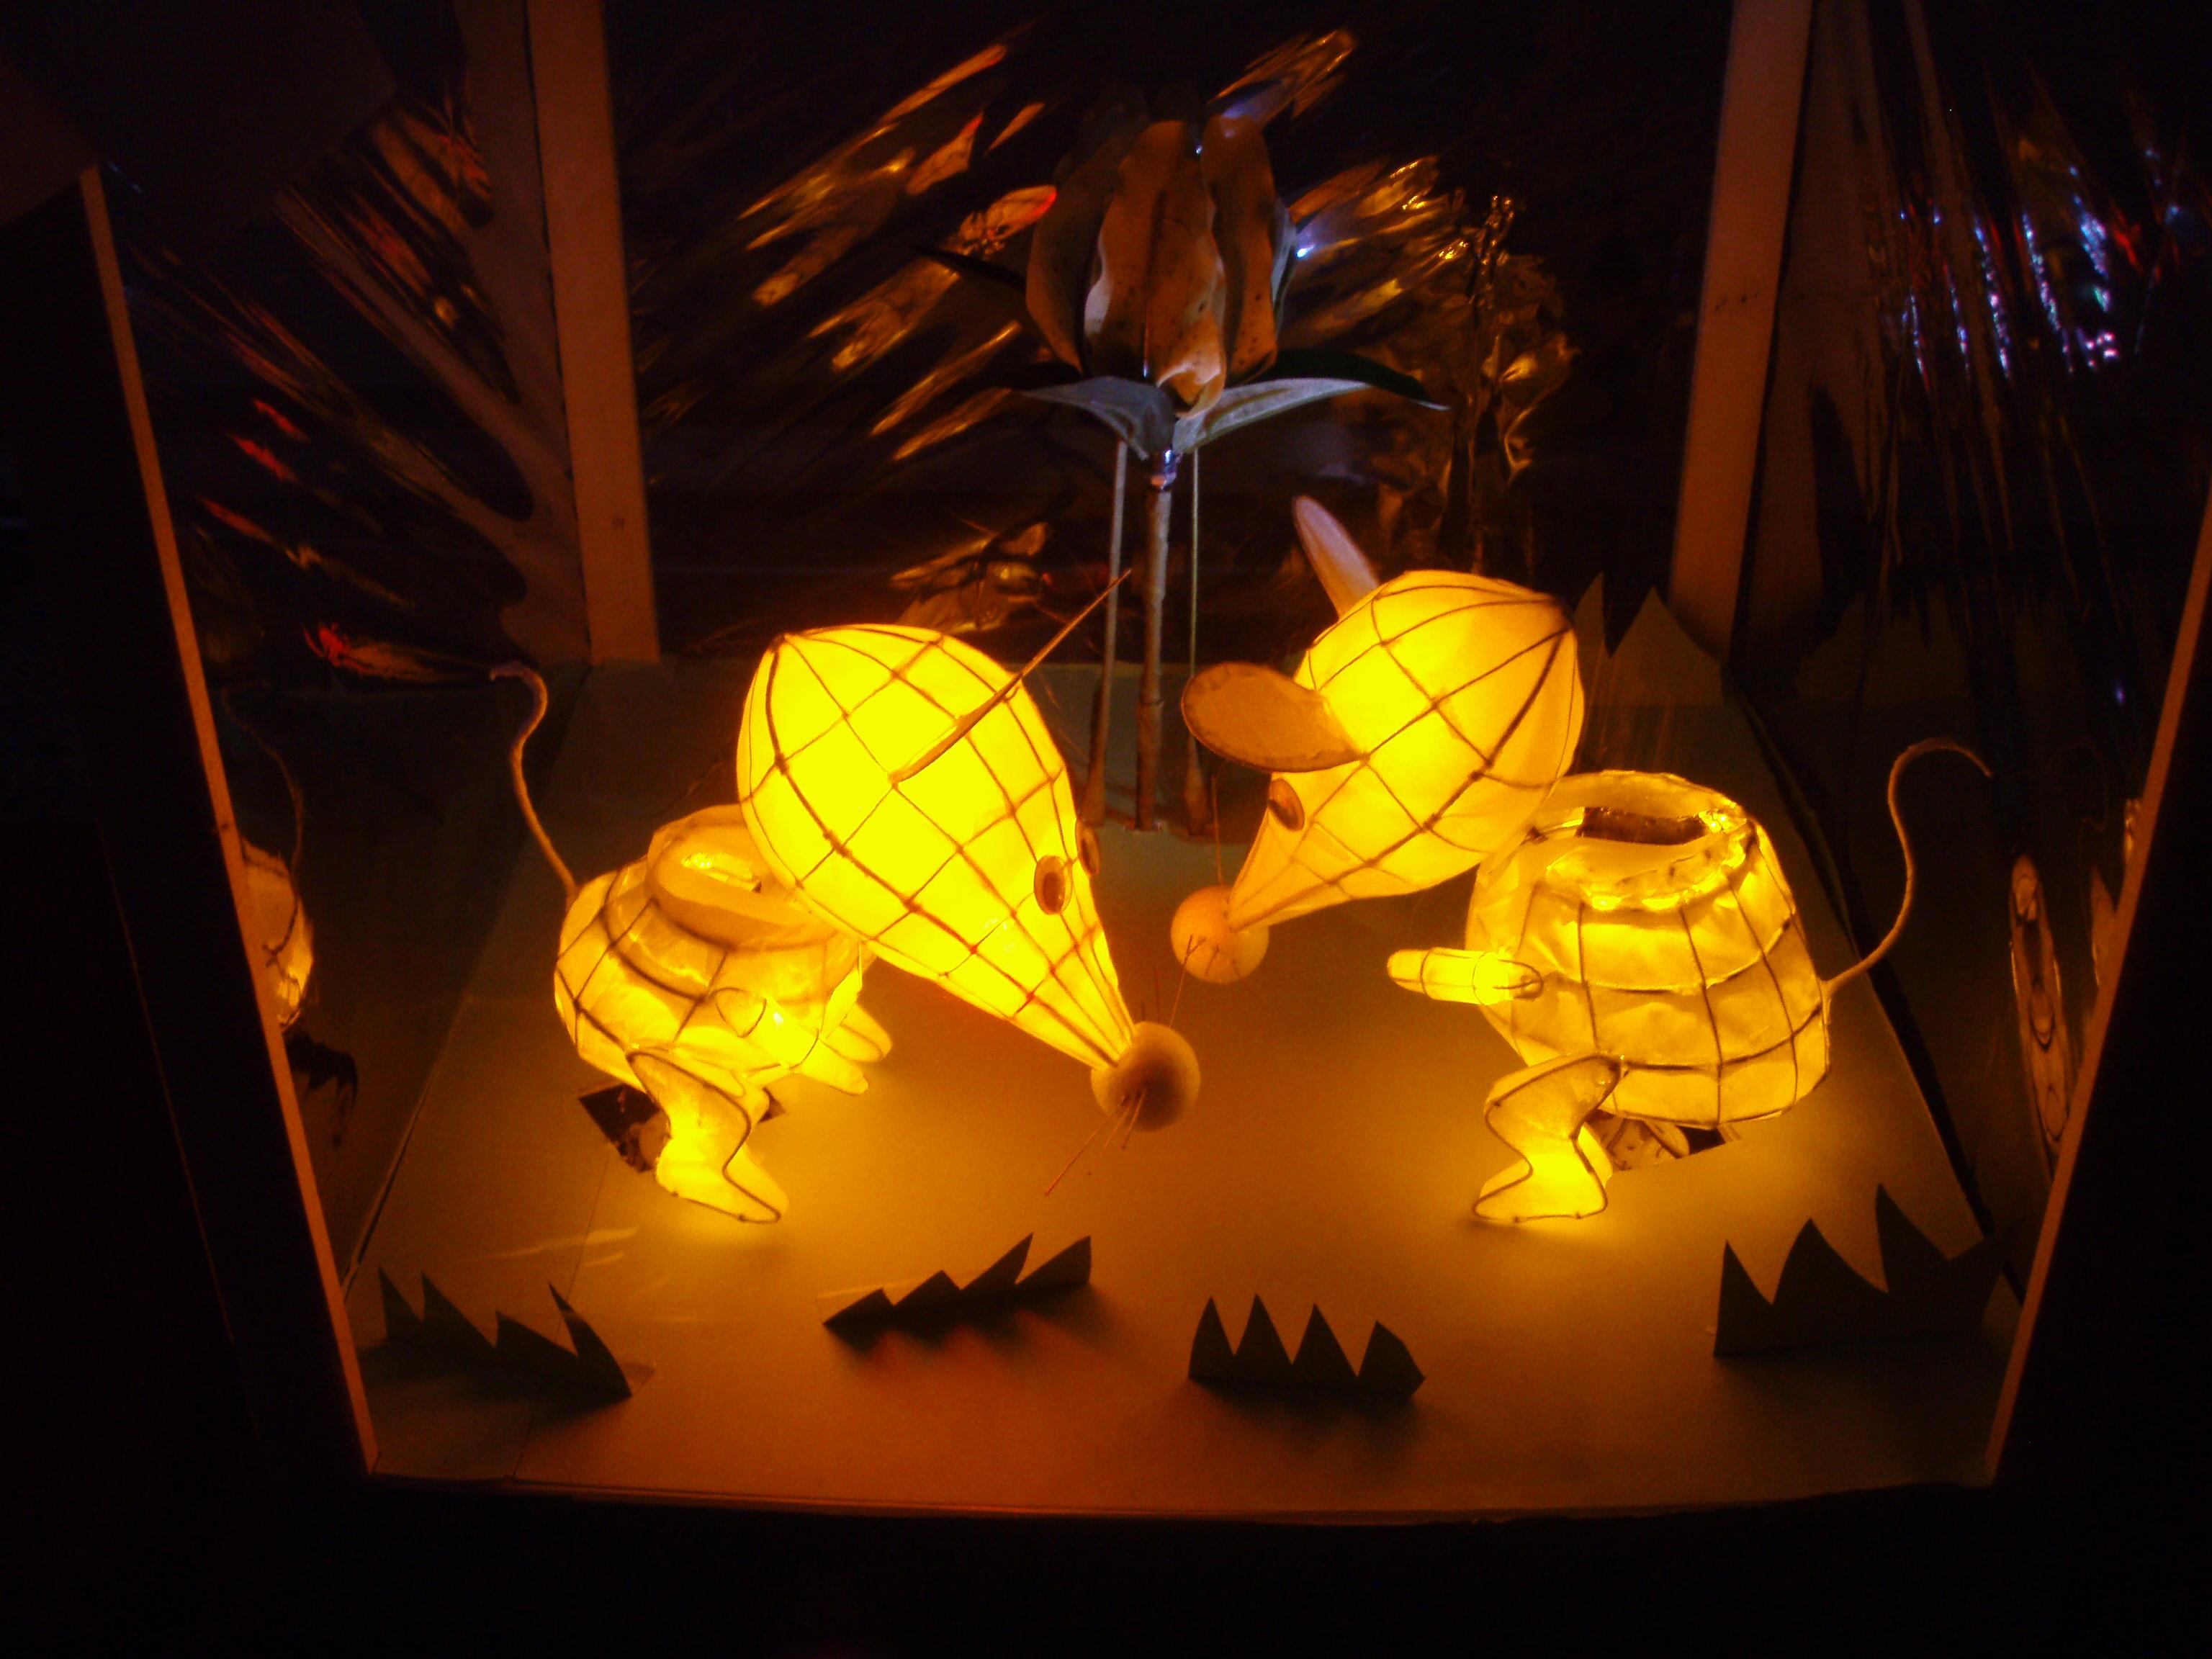 2007全国led创意花灯设计竞赛 得奖作品